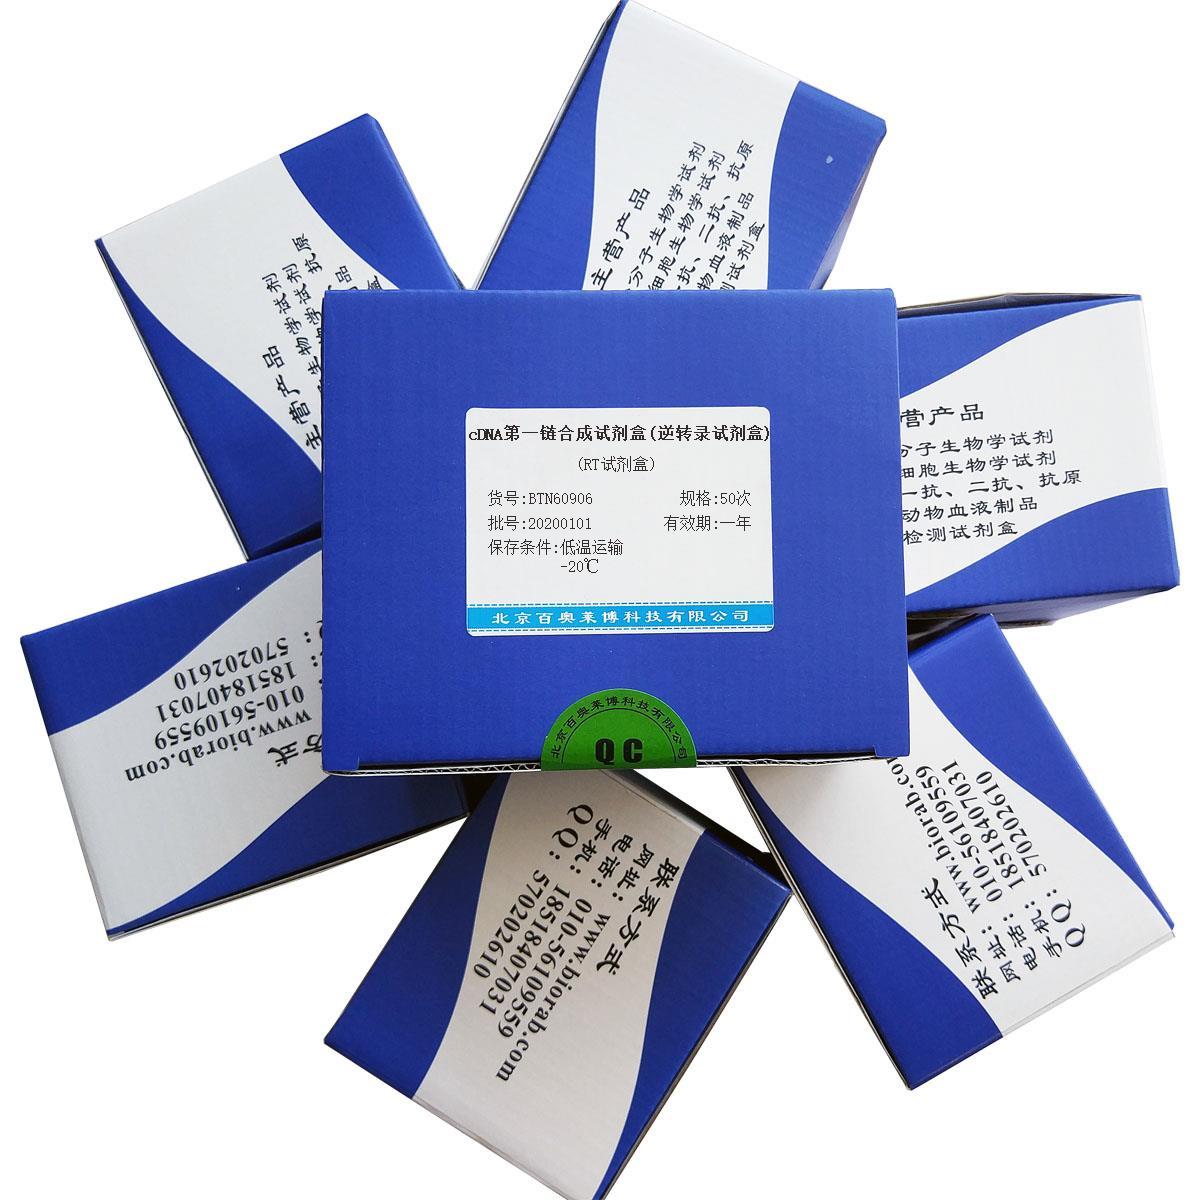 cDNA第一链合成试剂盒(逆转录试剂盒)(RT试剂盒)